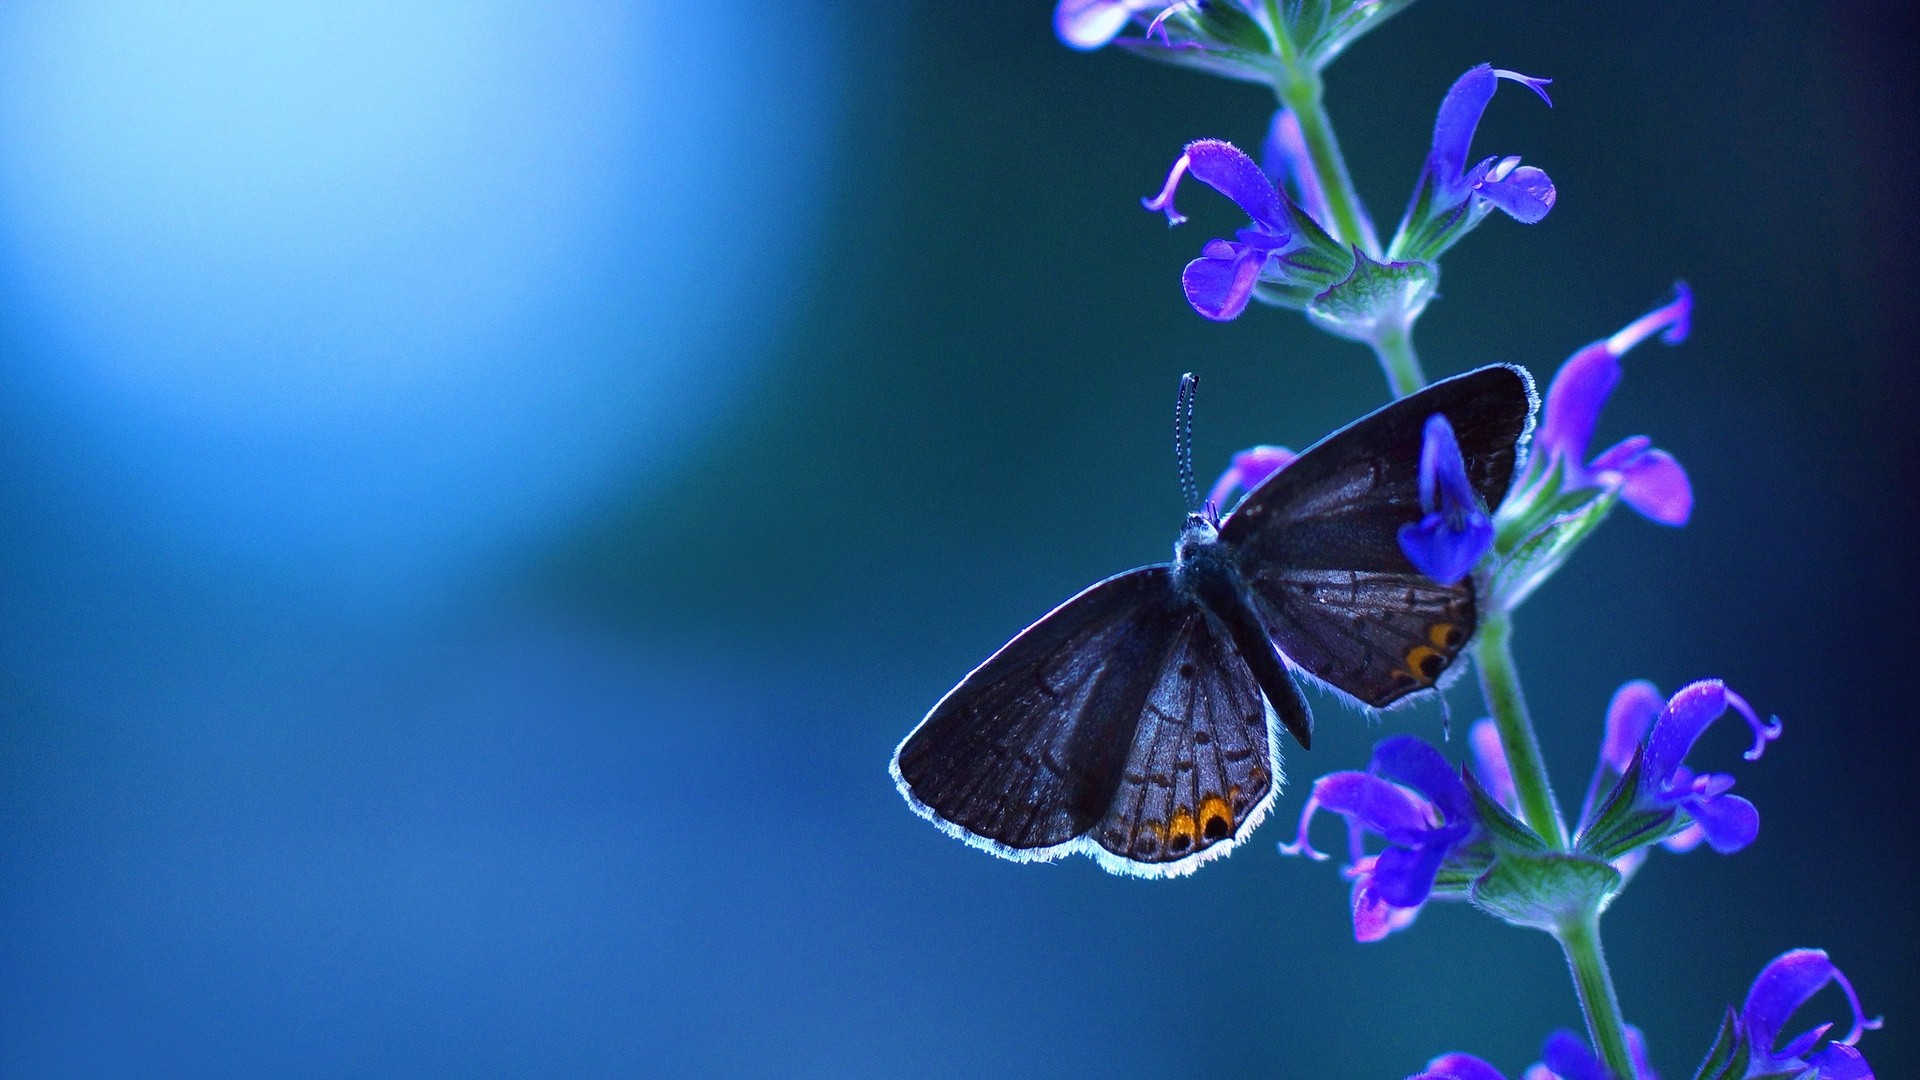 Blue Butterfly Good Wallpaper